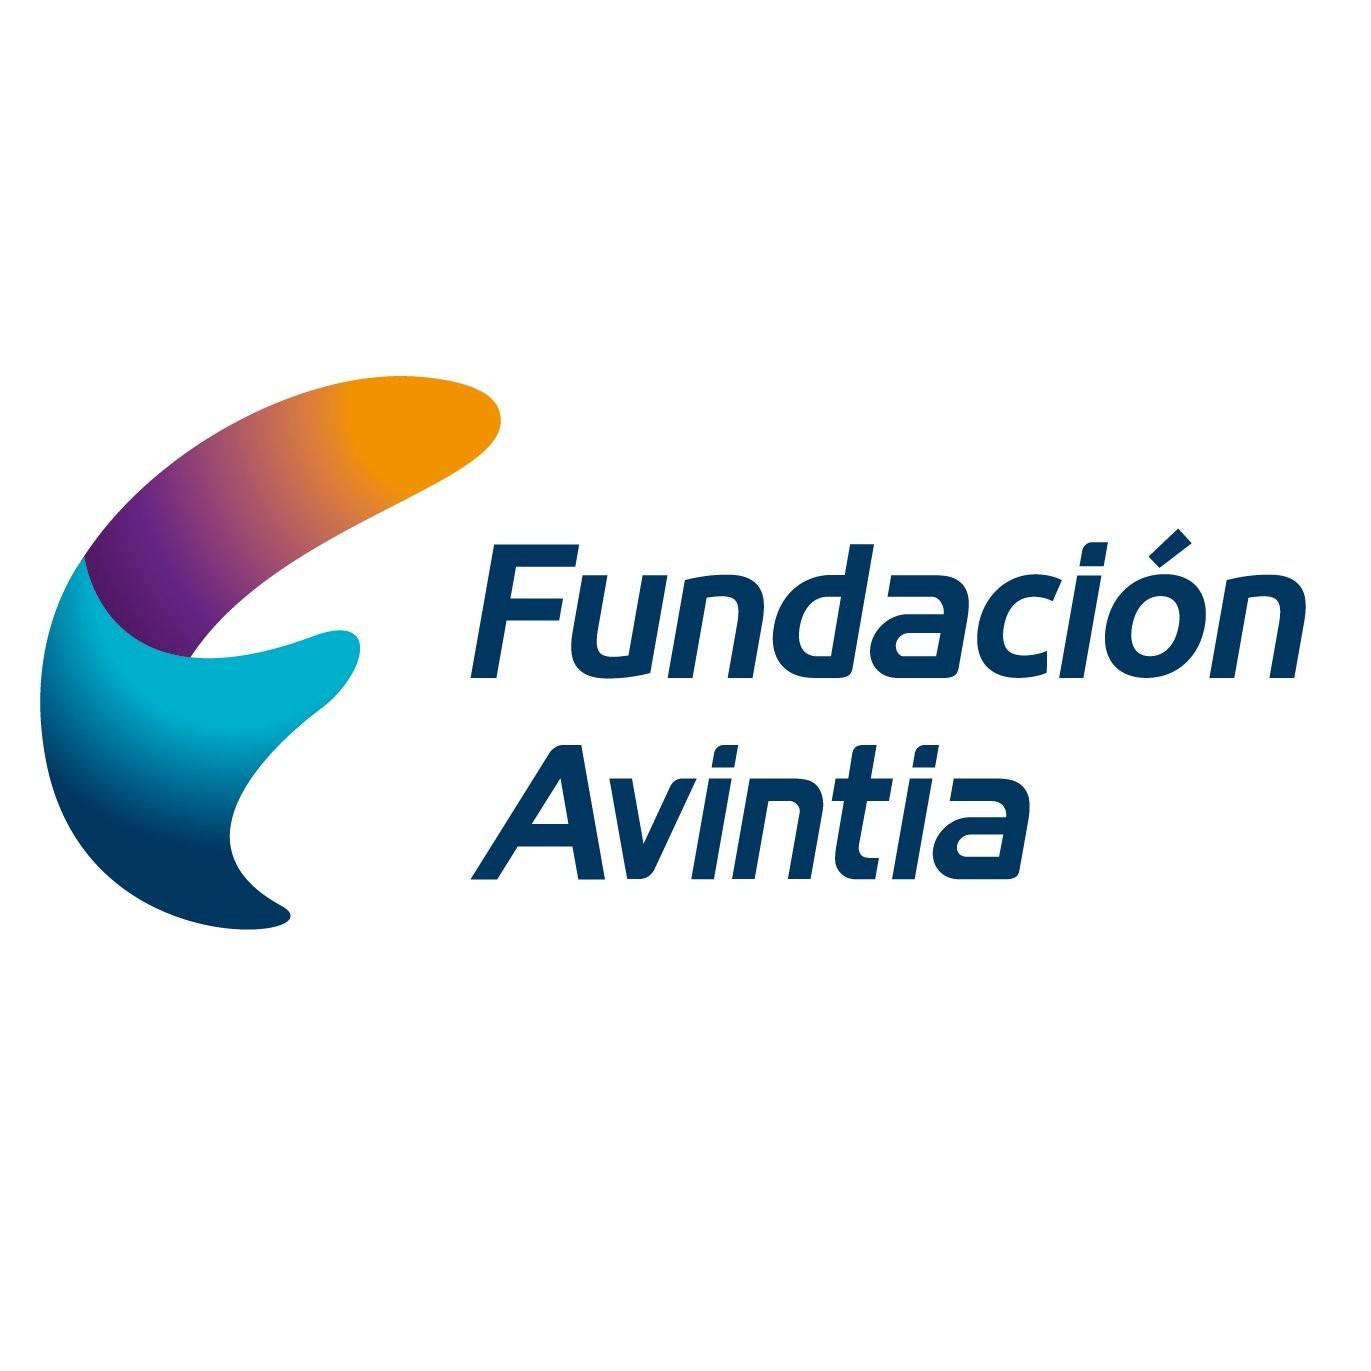 Fundación Avintia